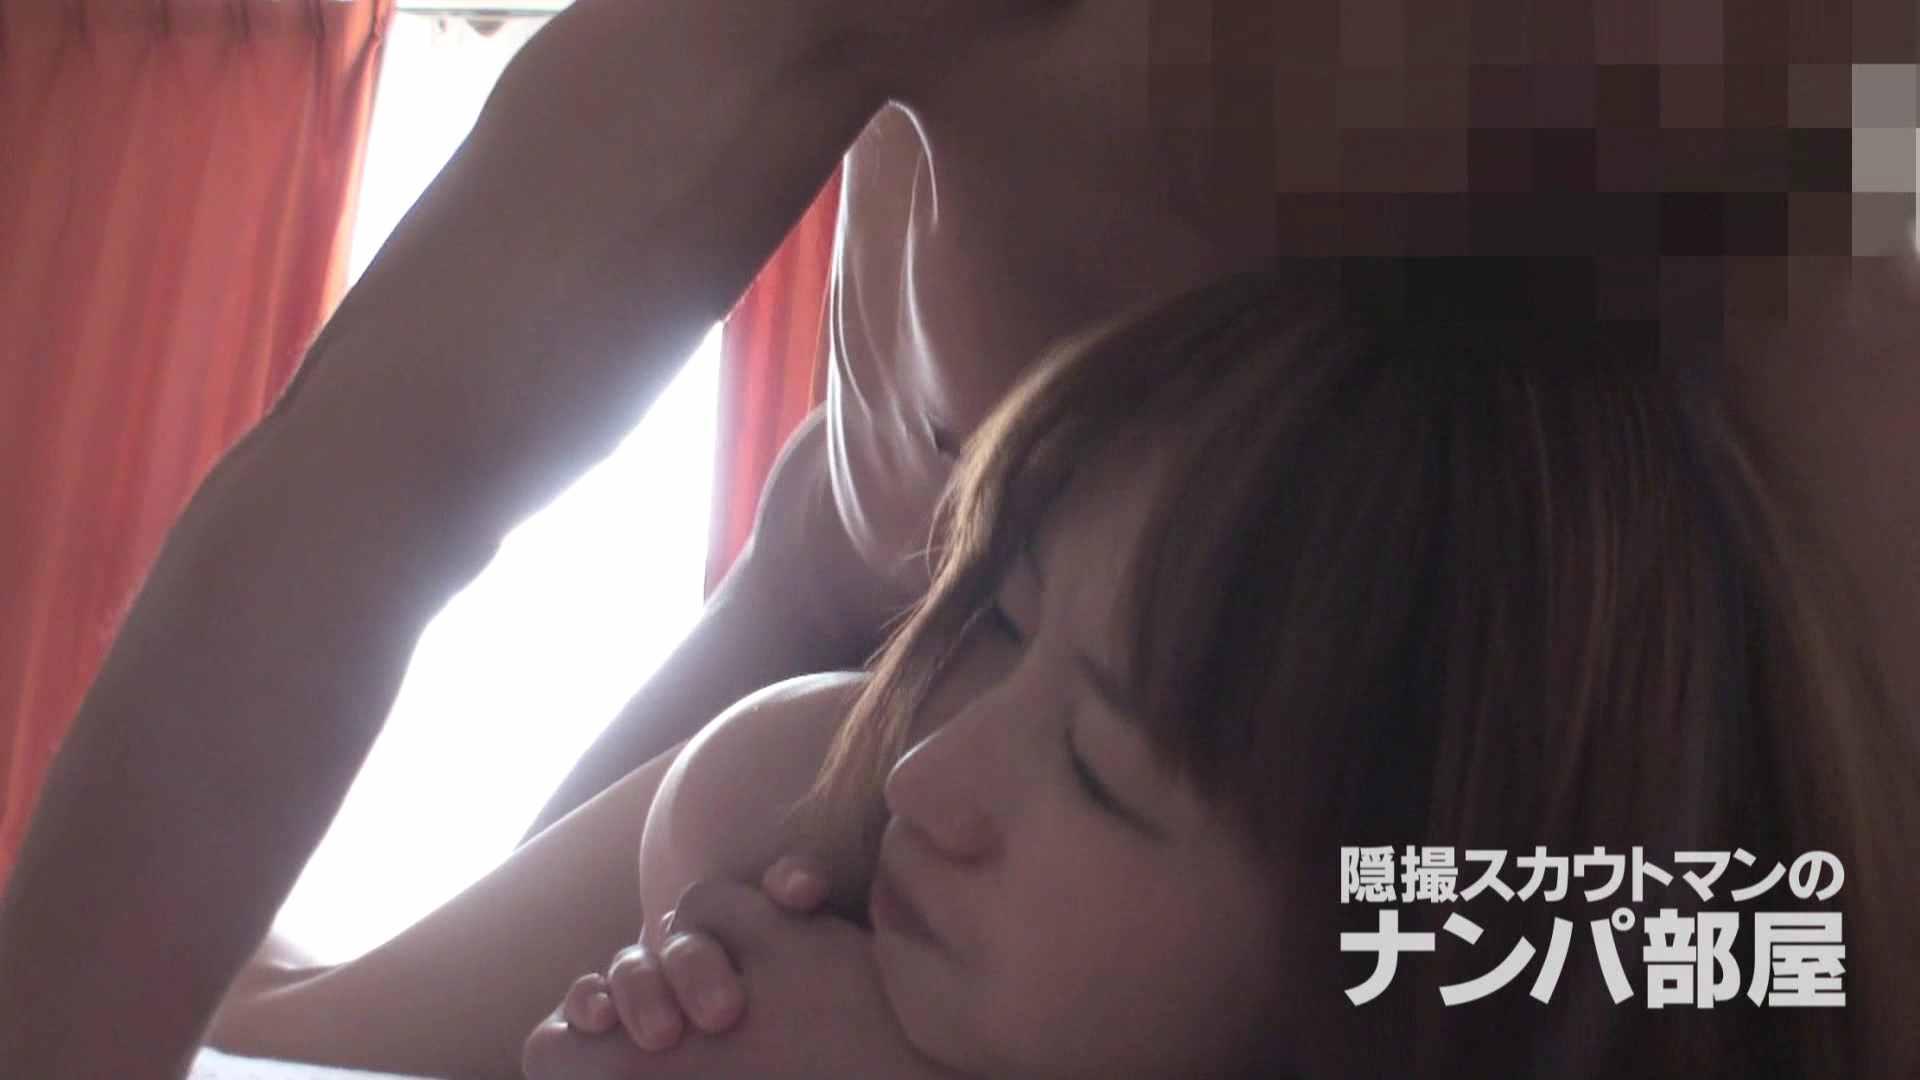 隠撮スカウトマンのナンパ部屋~風俗デビュー前のつまみ食い~ siivol.4 隠撮 | 中出し  91pic 76